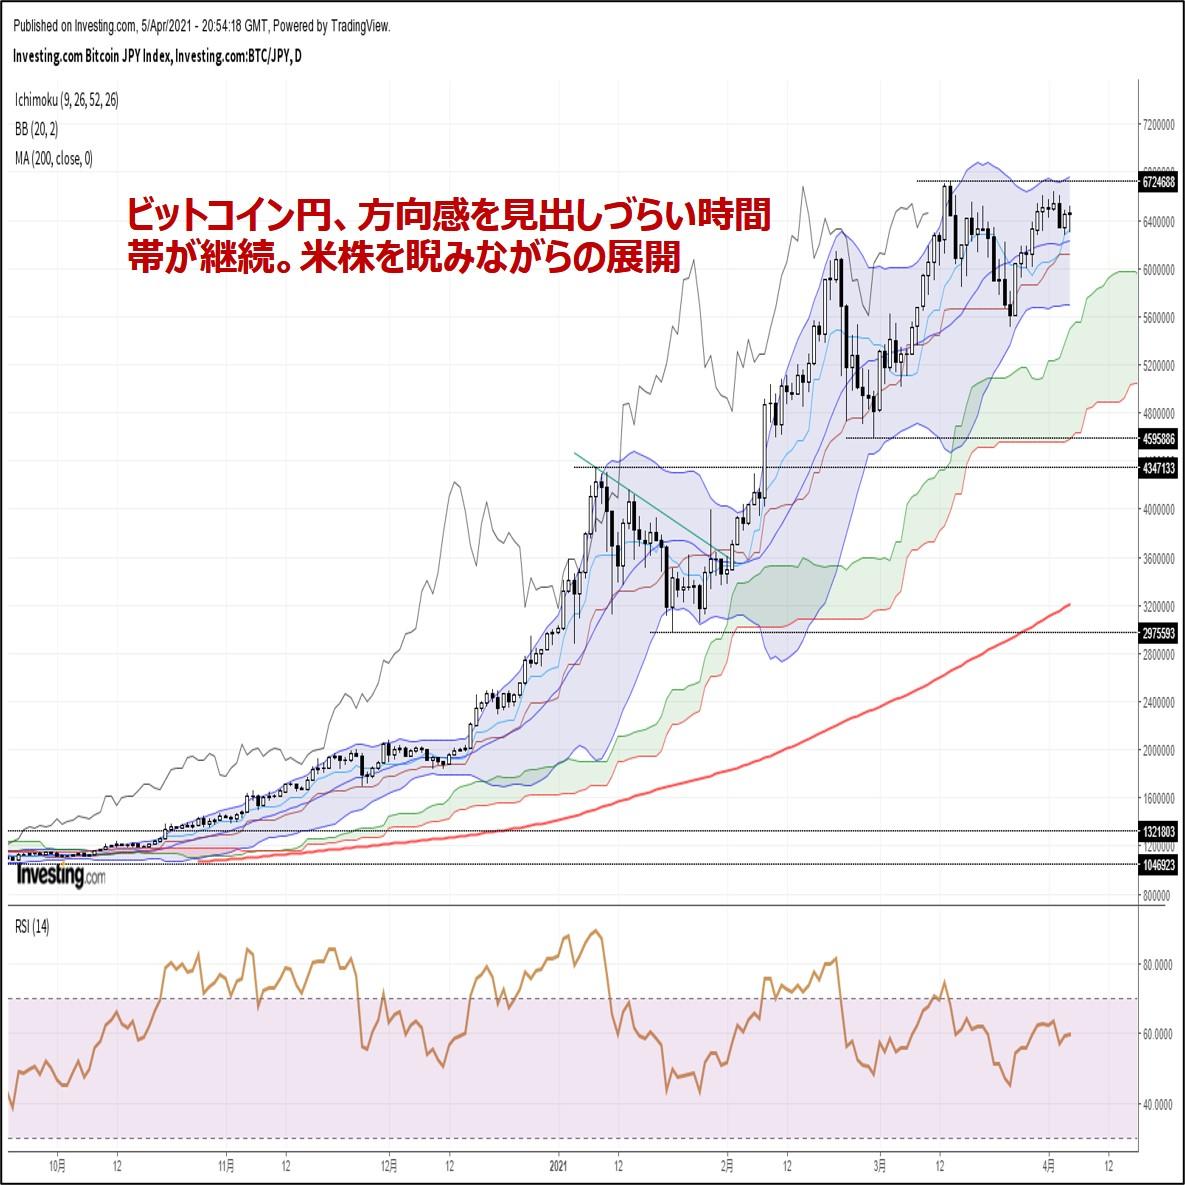 ビットコイン円、方向感を見出しづらい時間帯が継続。米株を睨みながらの展開(4/6朝)